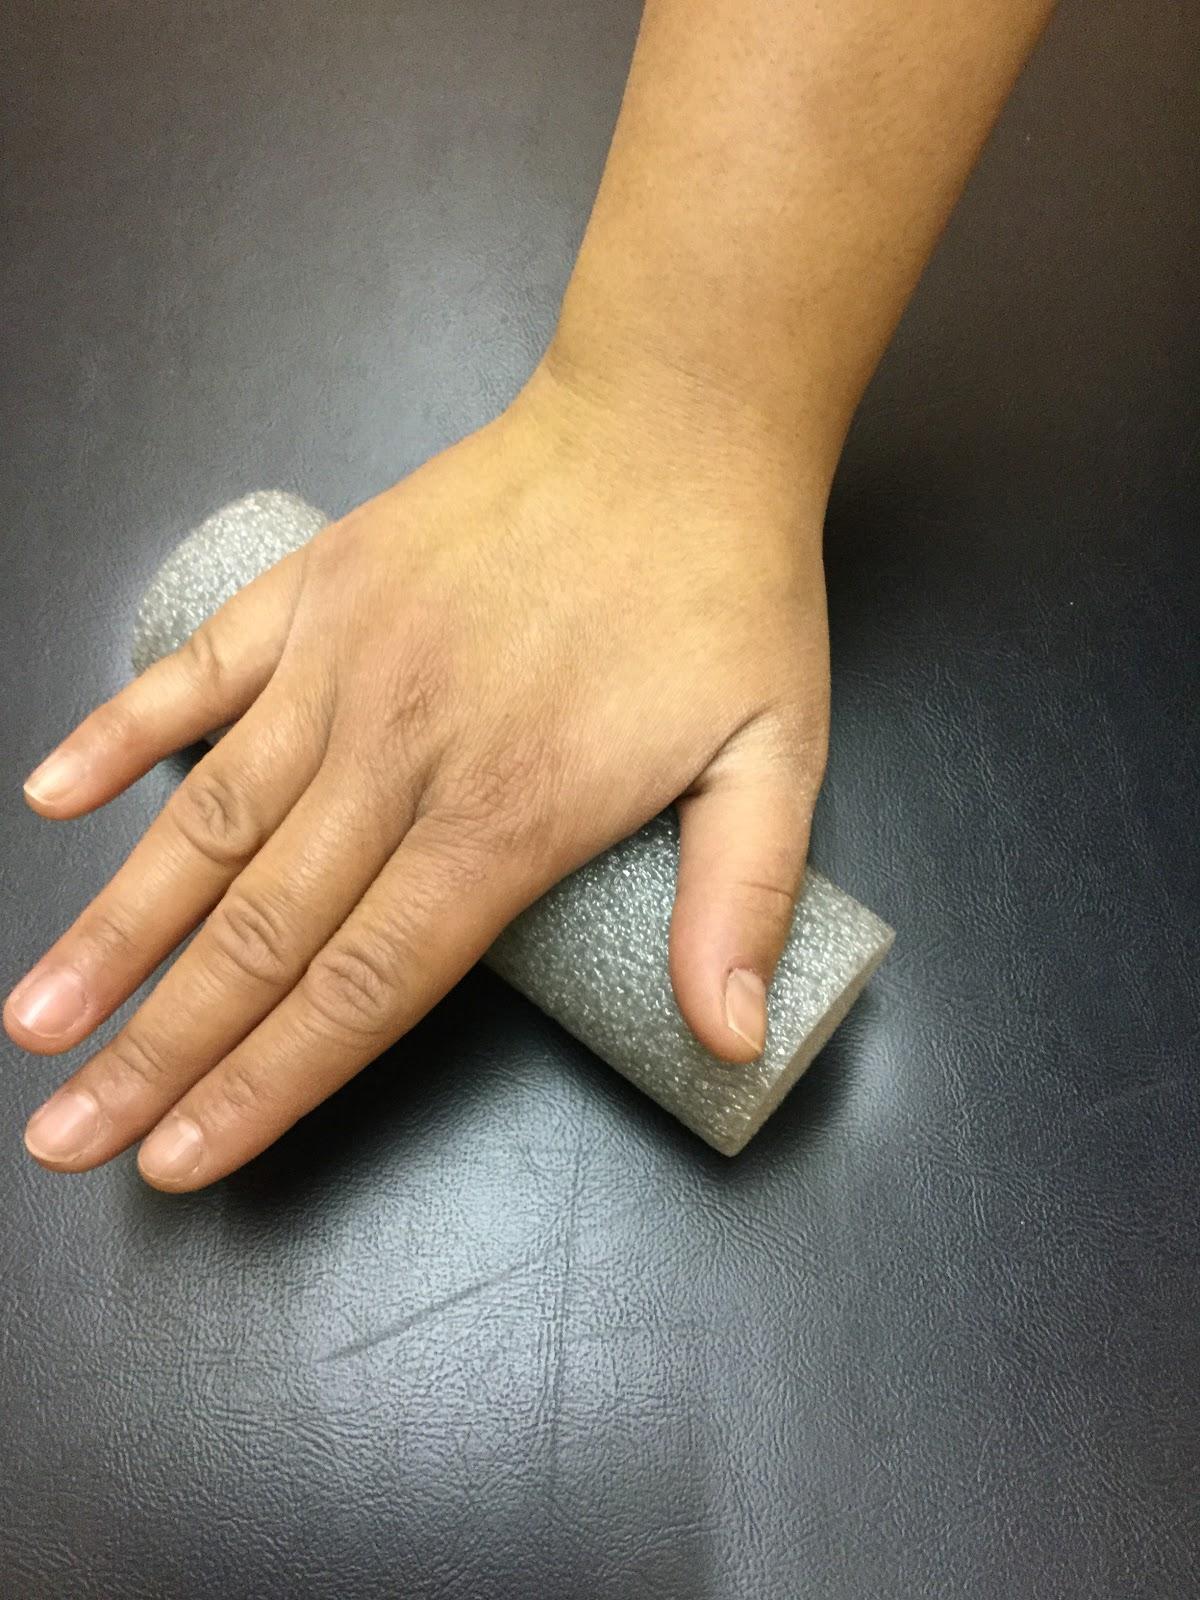 Foam Rolling the Hand